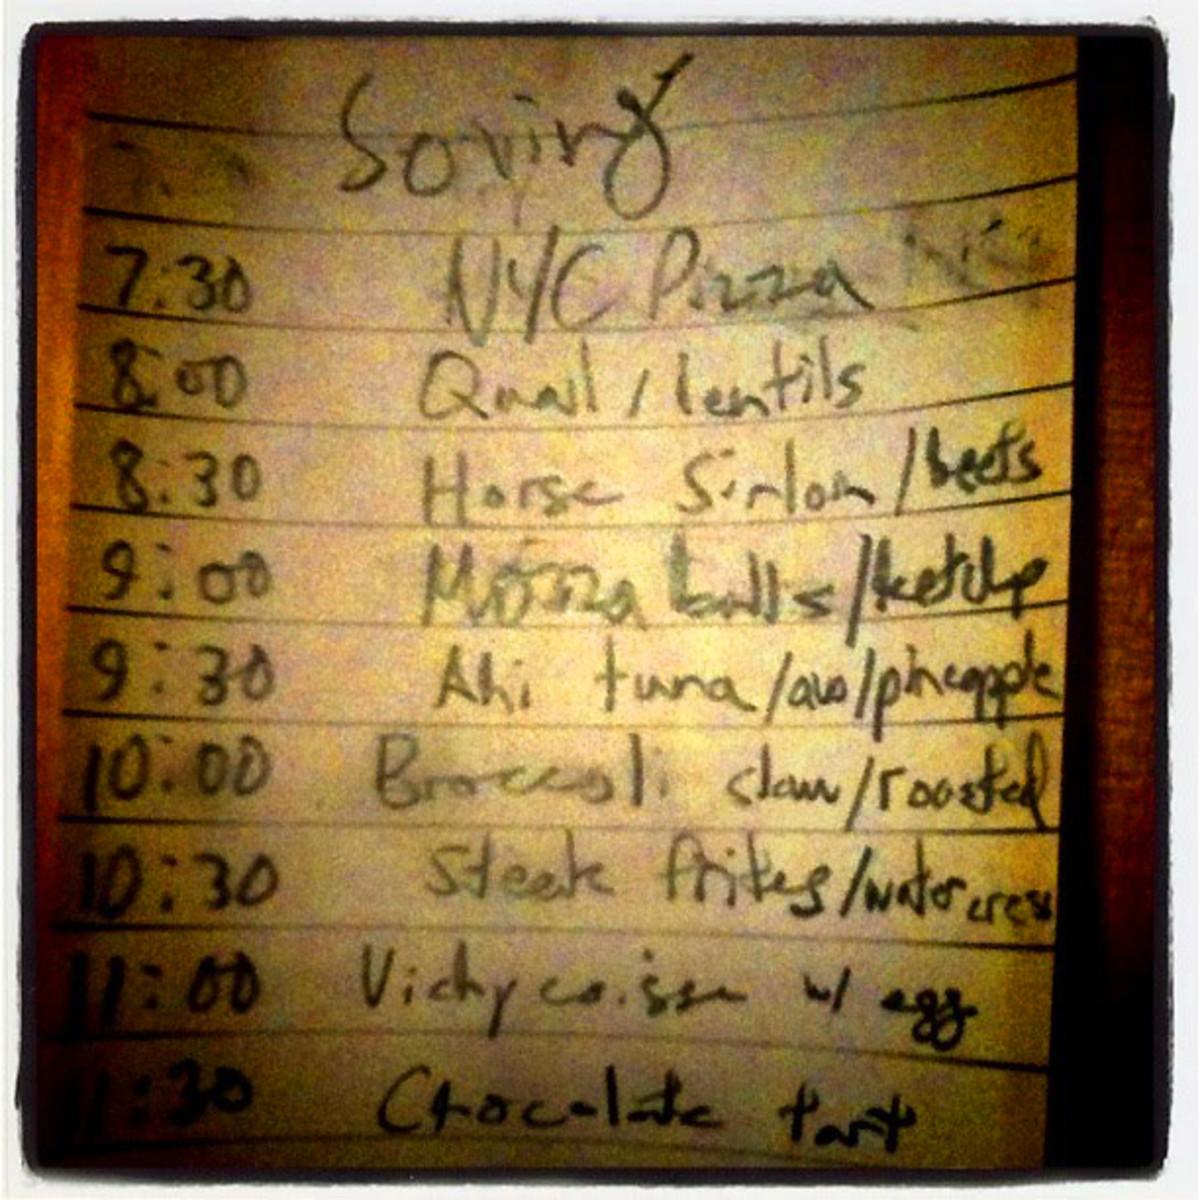 John's menu